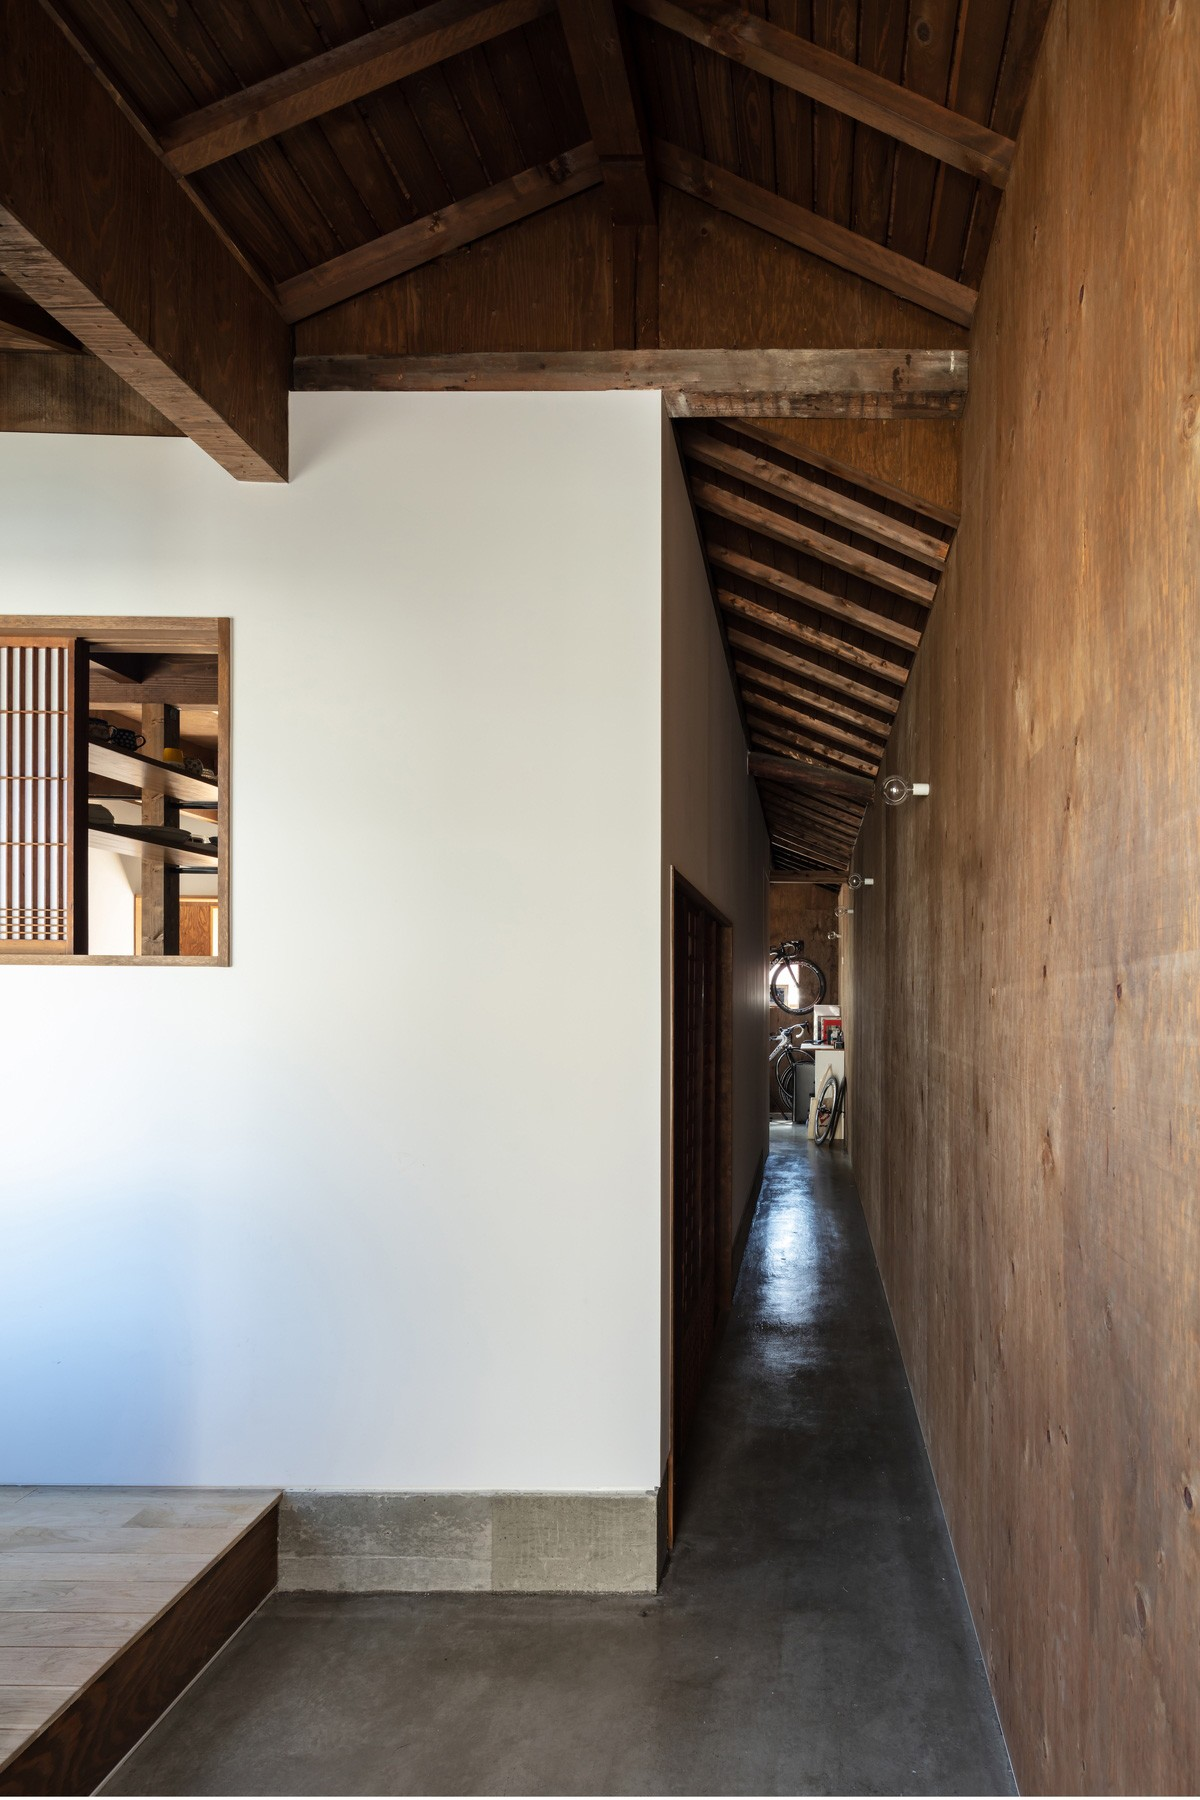 玄関事例:透き間の家|入れ子状の町屋のリノベーション(透き間の家|土間と縁側で包む町屋リノベーション【奈良市】)